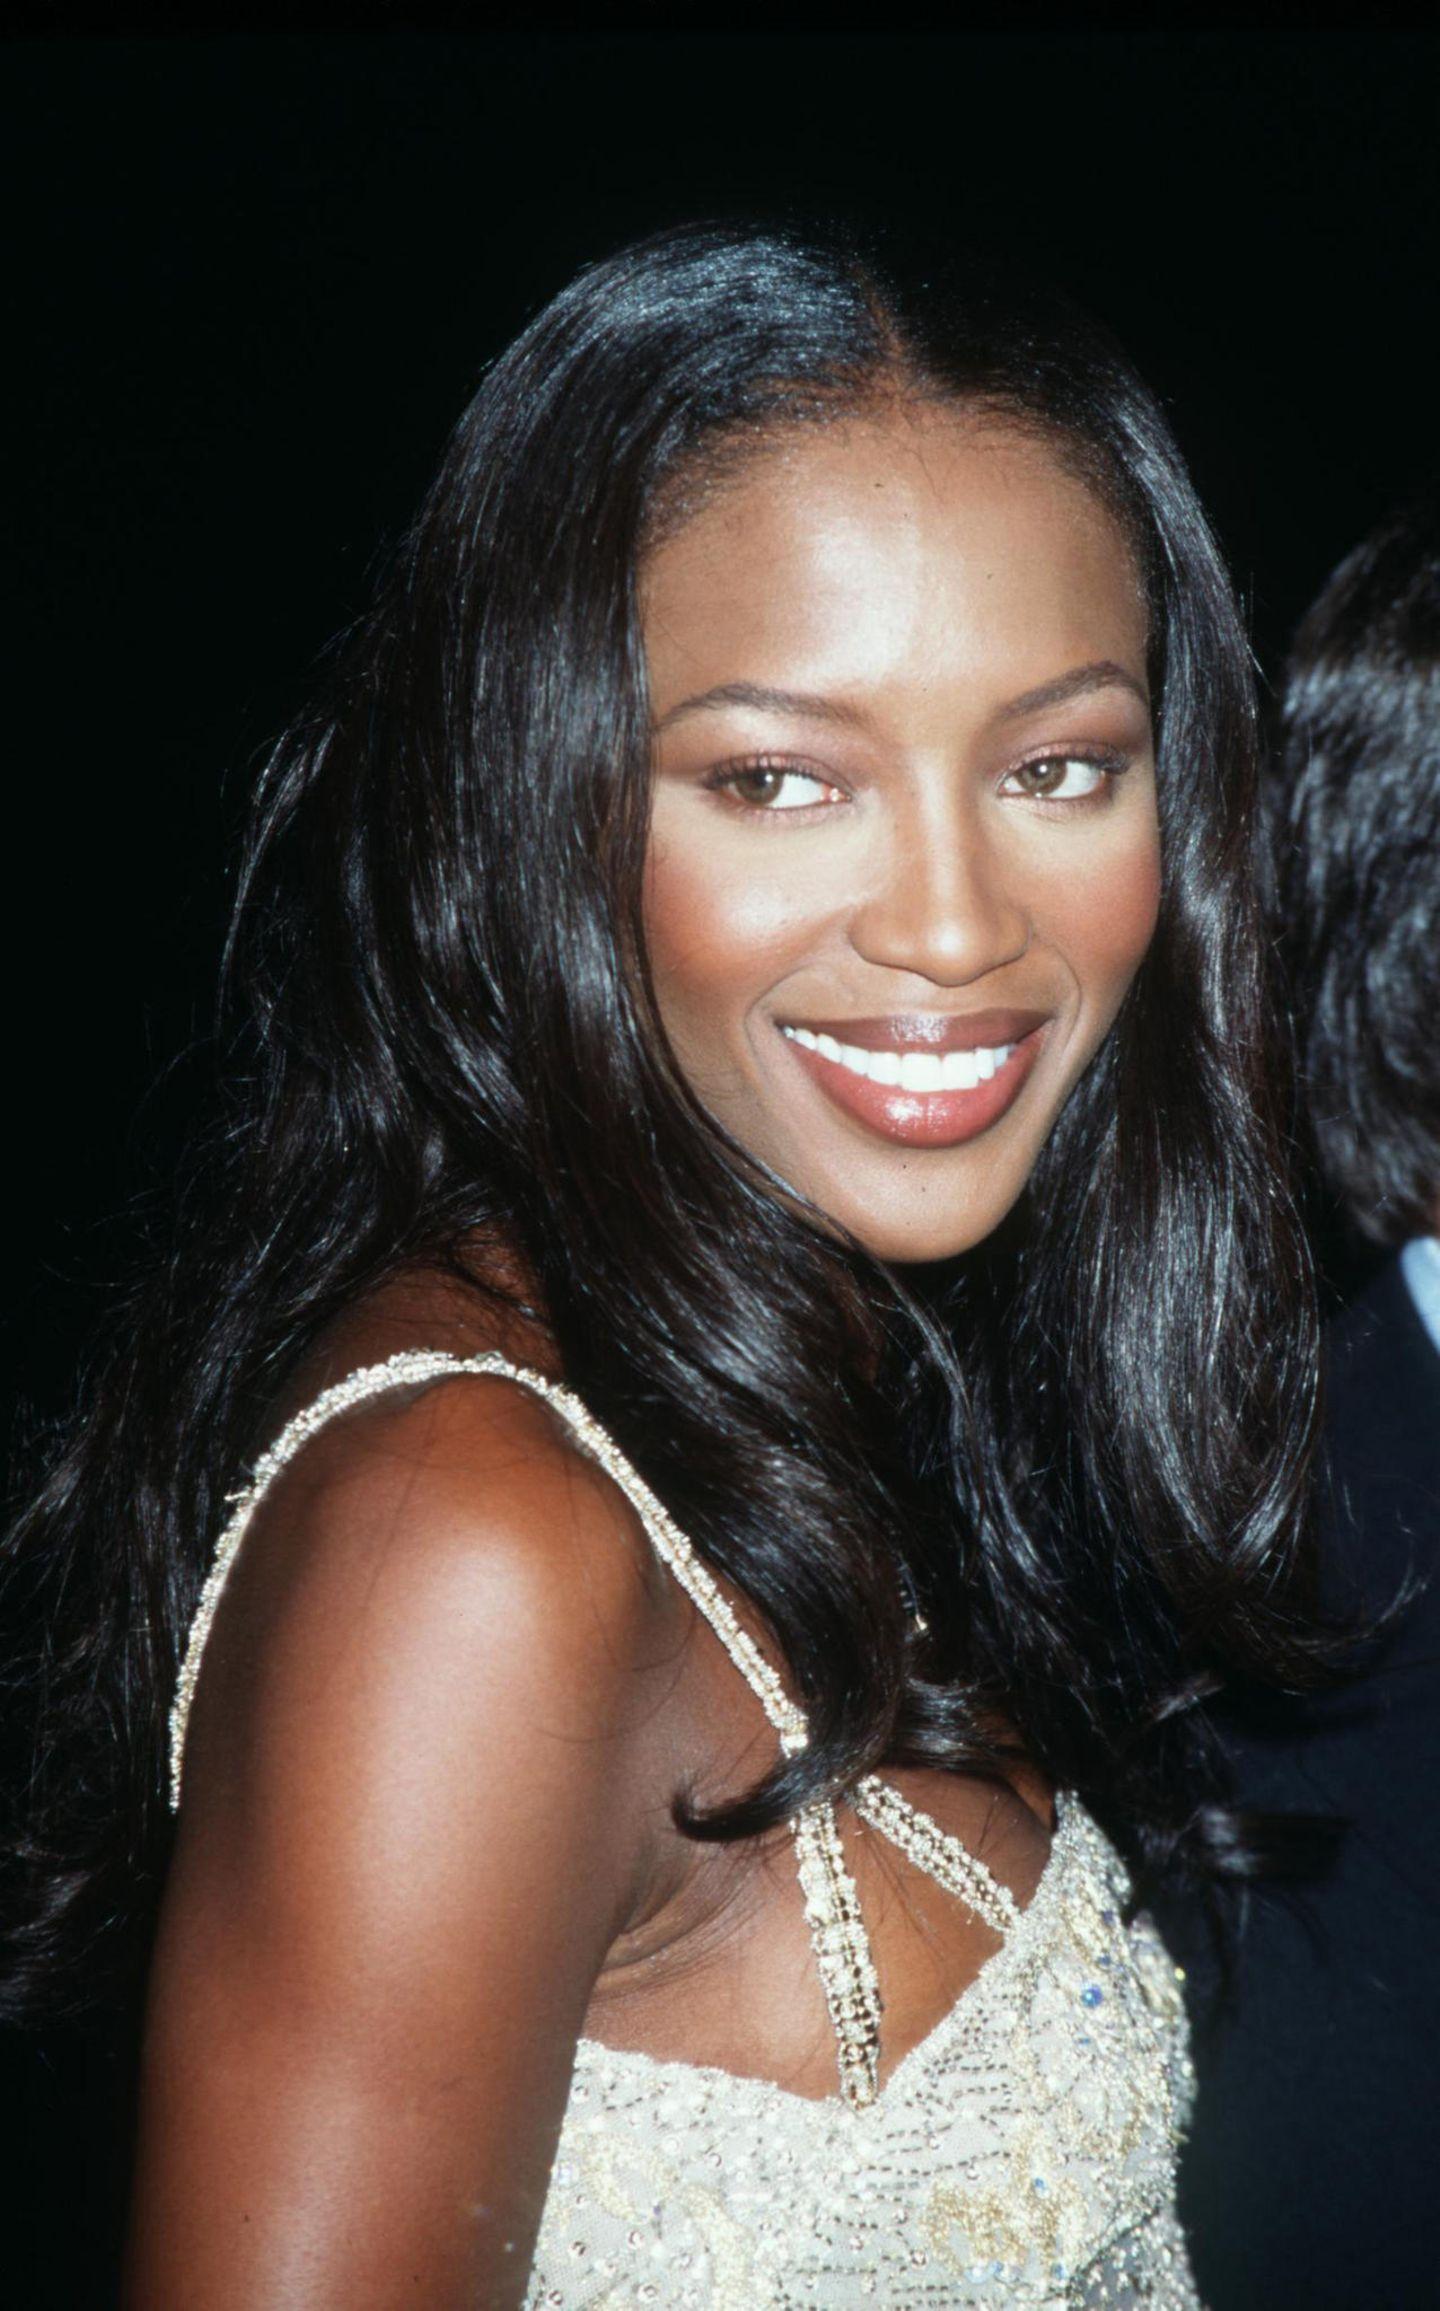 Supermodels vor ihrer Karriere und heute: Naomi Campbell früher